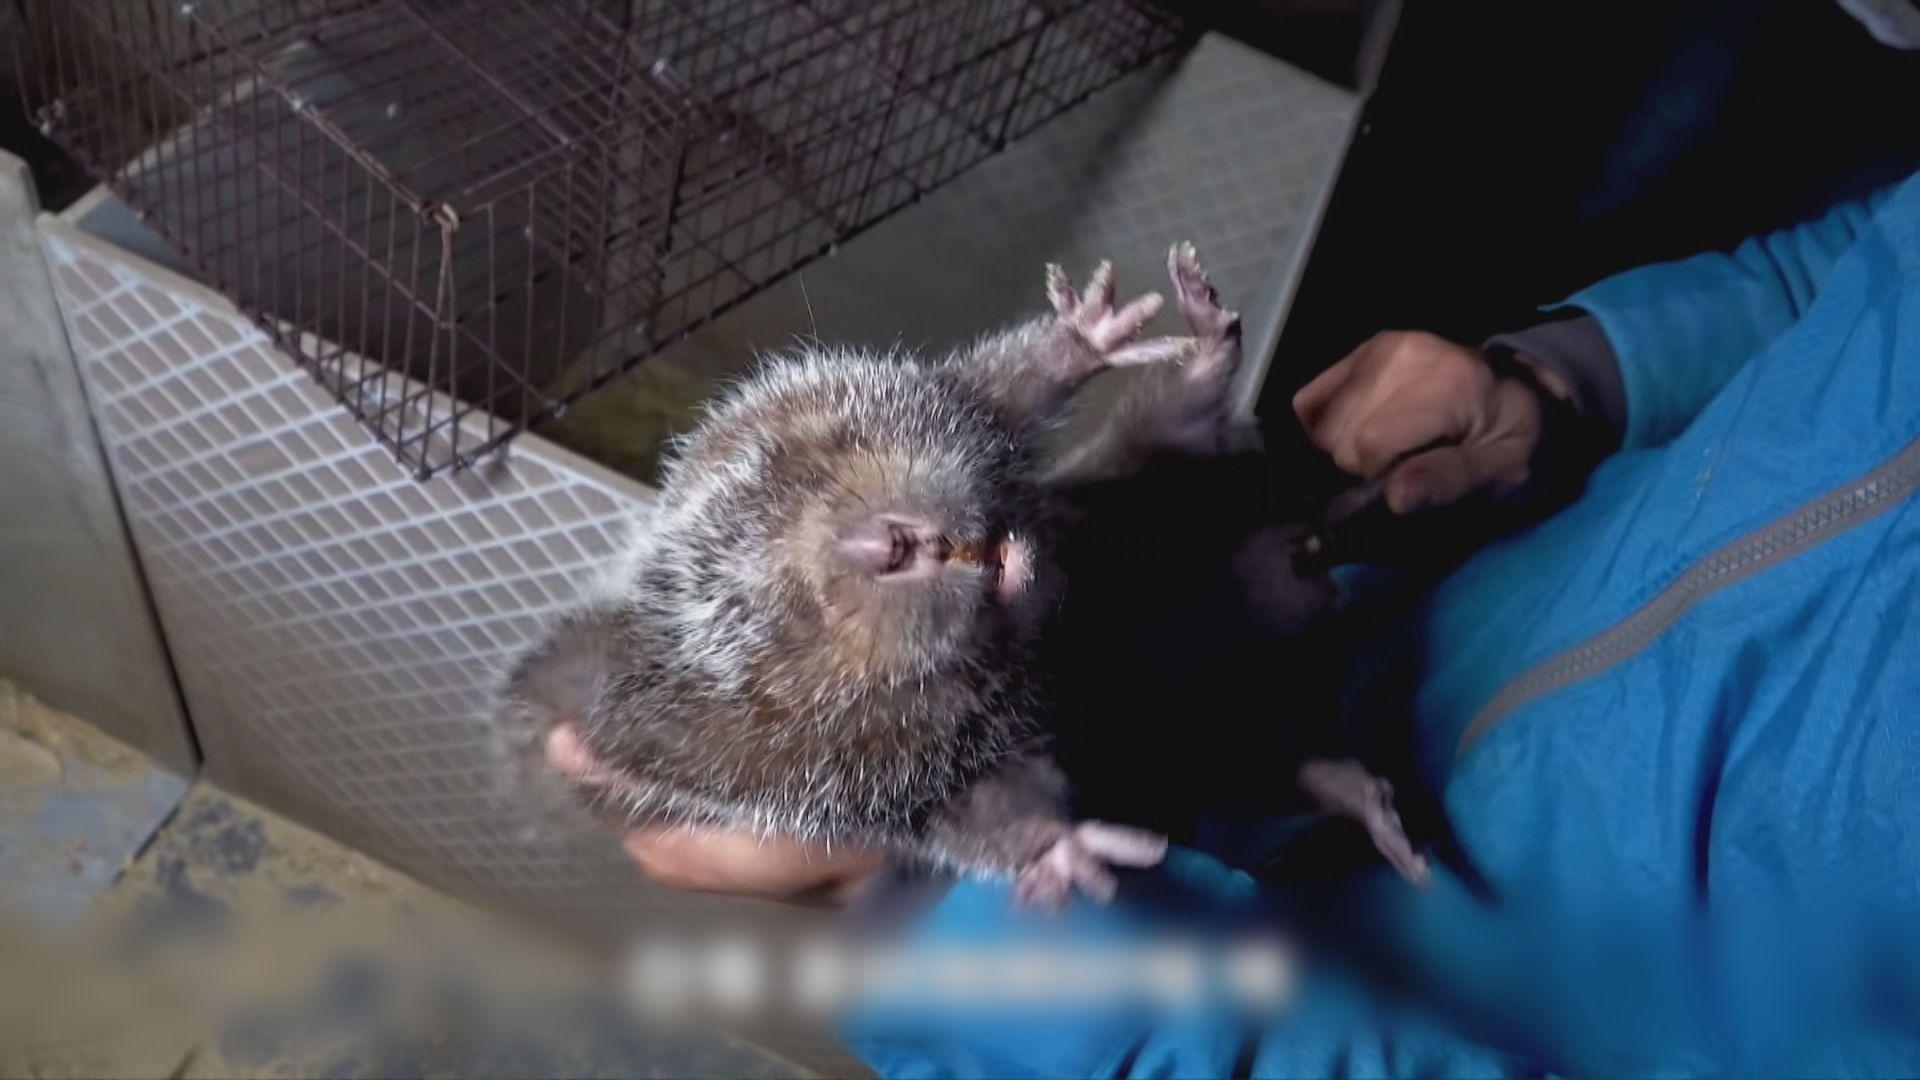 內地食用竹鼠成風 養殖戶網上拍片教授烹煮